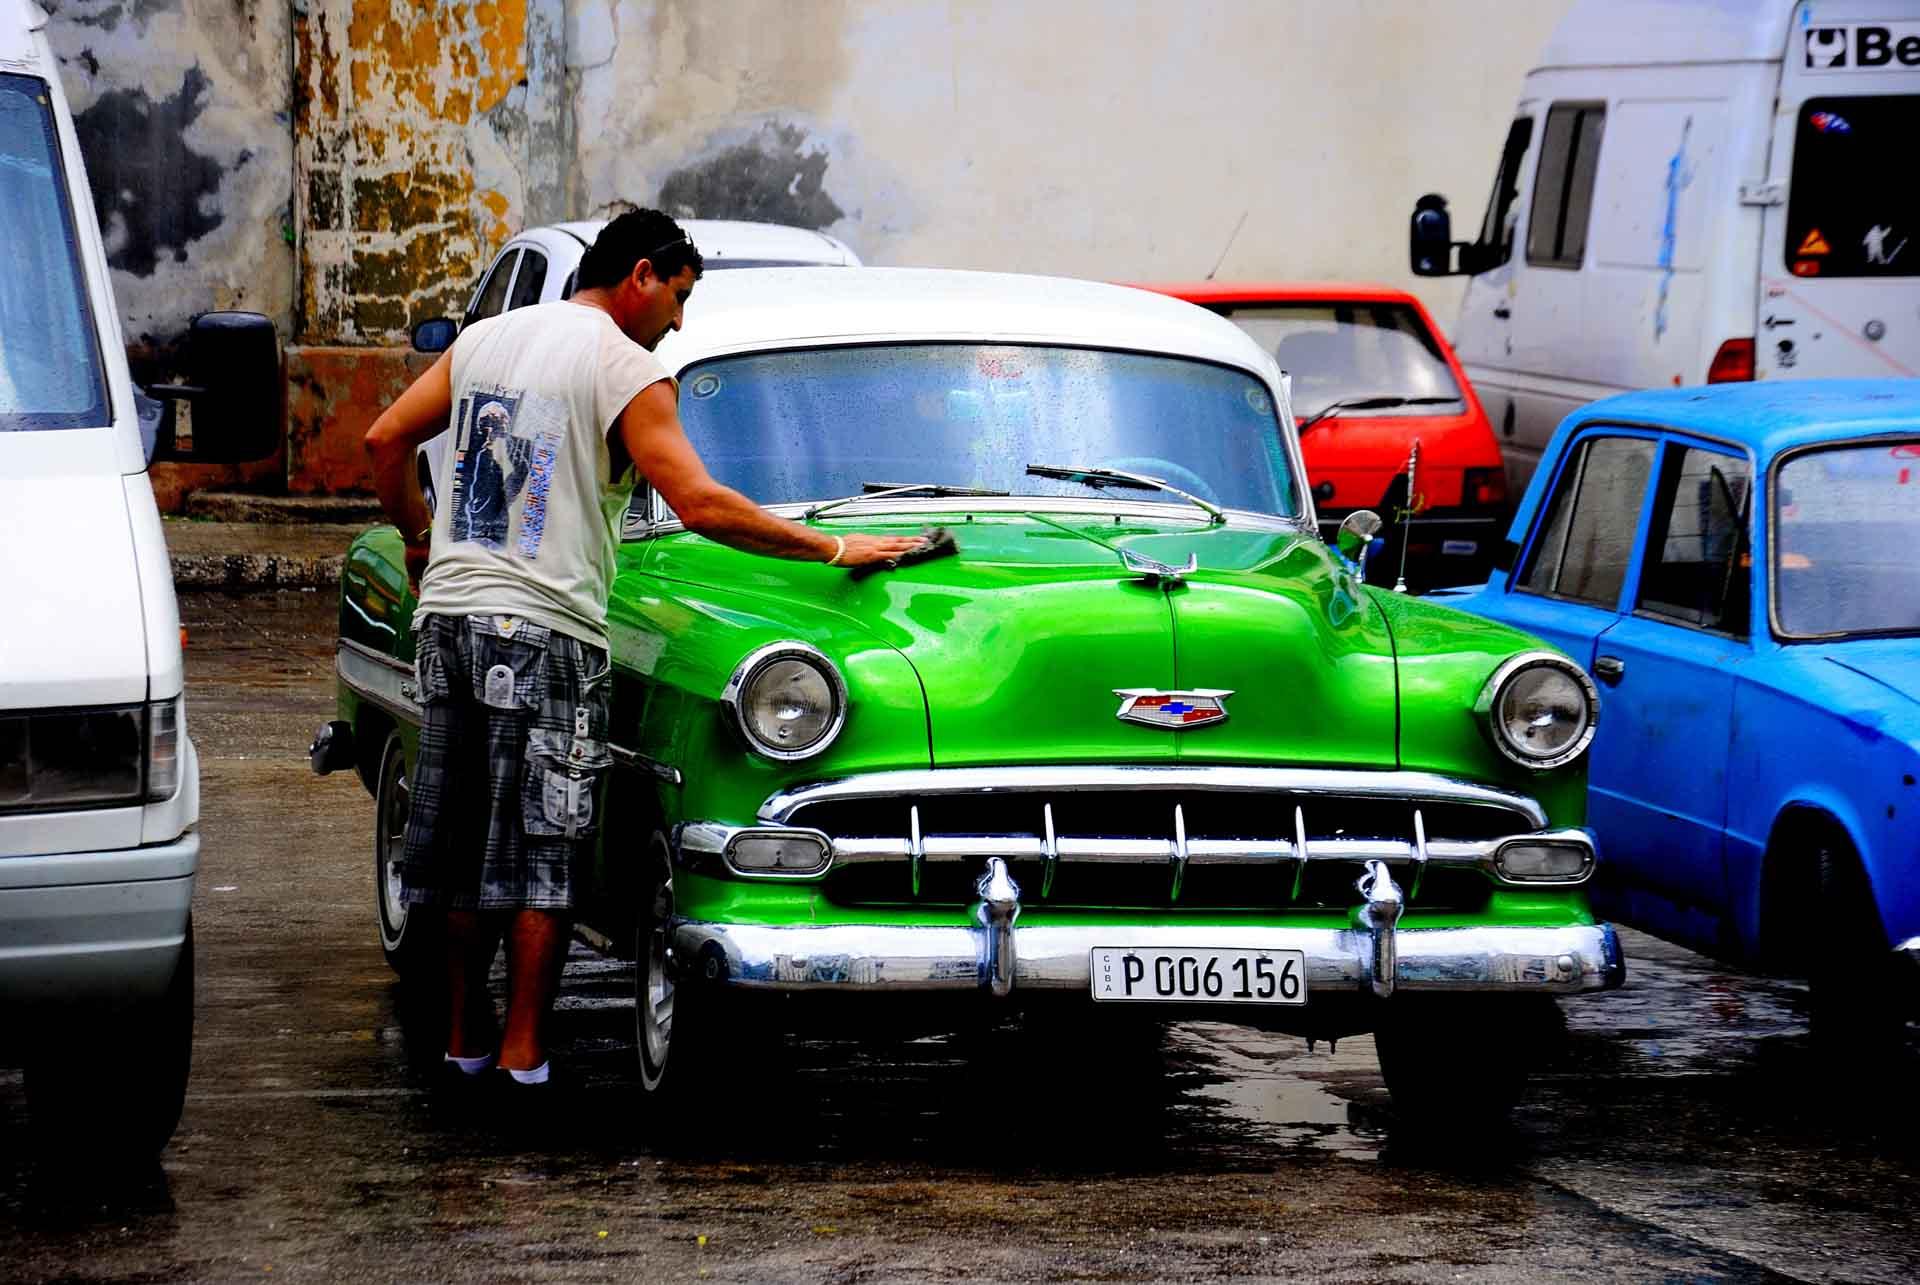 Havana Cuba Vintage Car 5, havana, cuba, pescart, photo blog, travel blog, blog, photo travel blog, enrico pescantini, pescantini